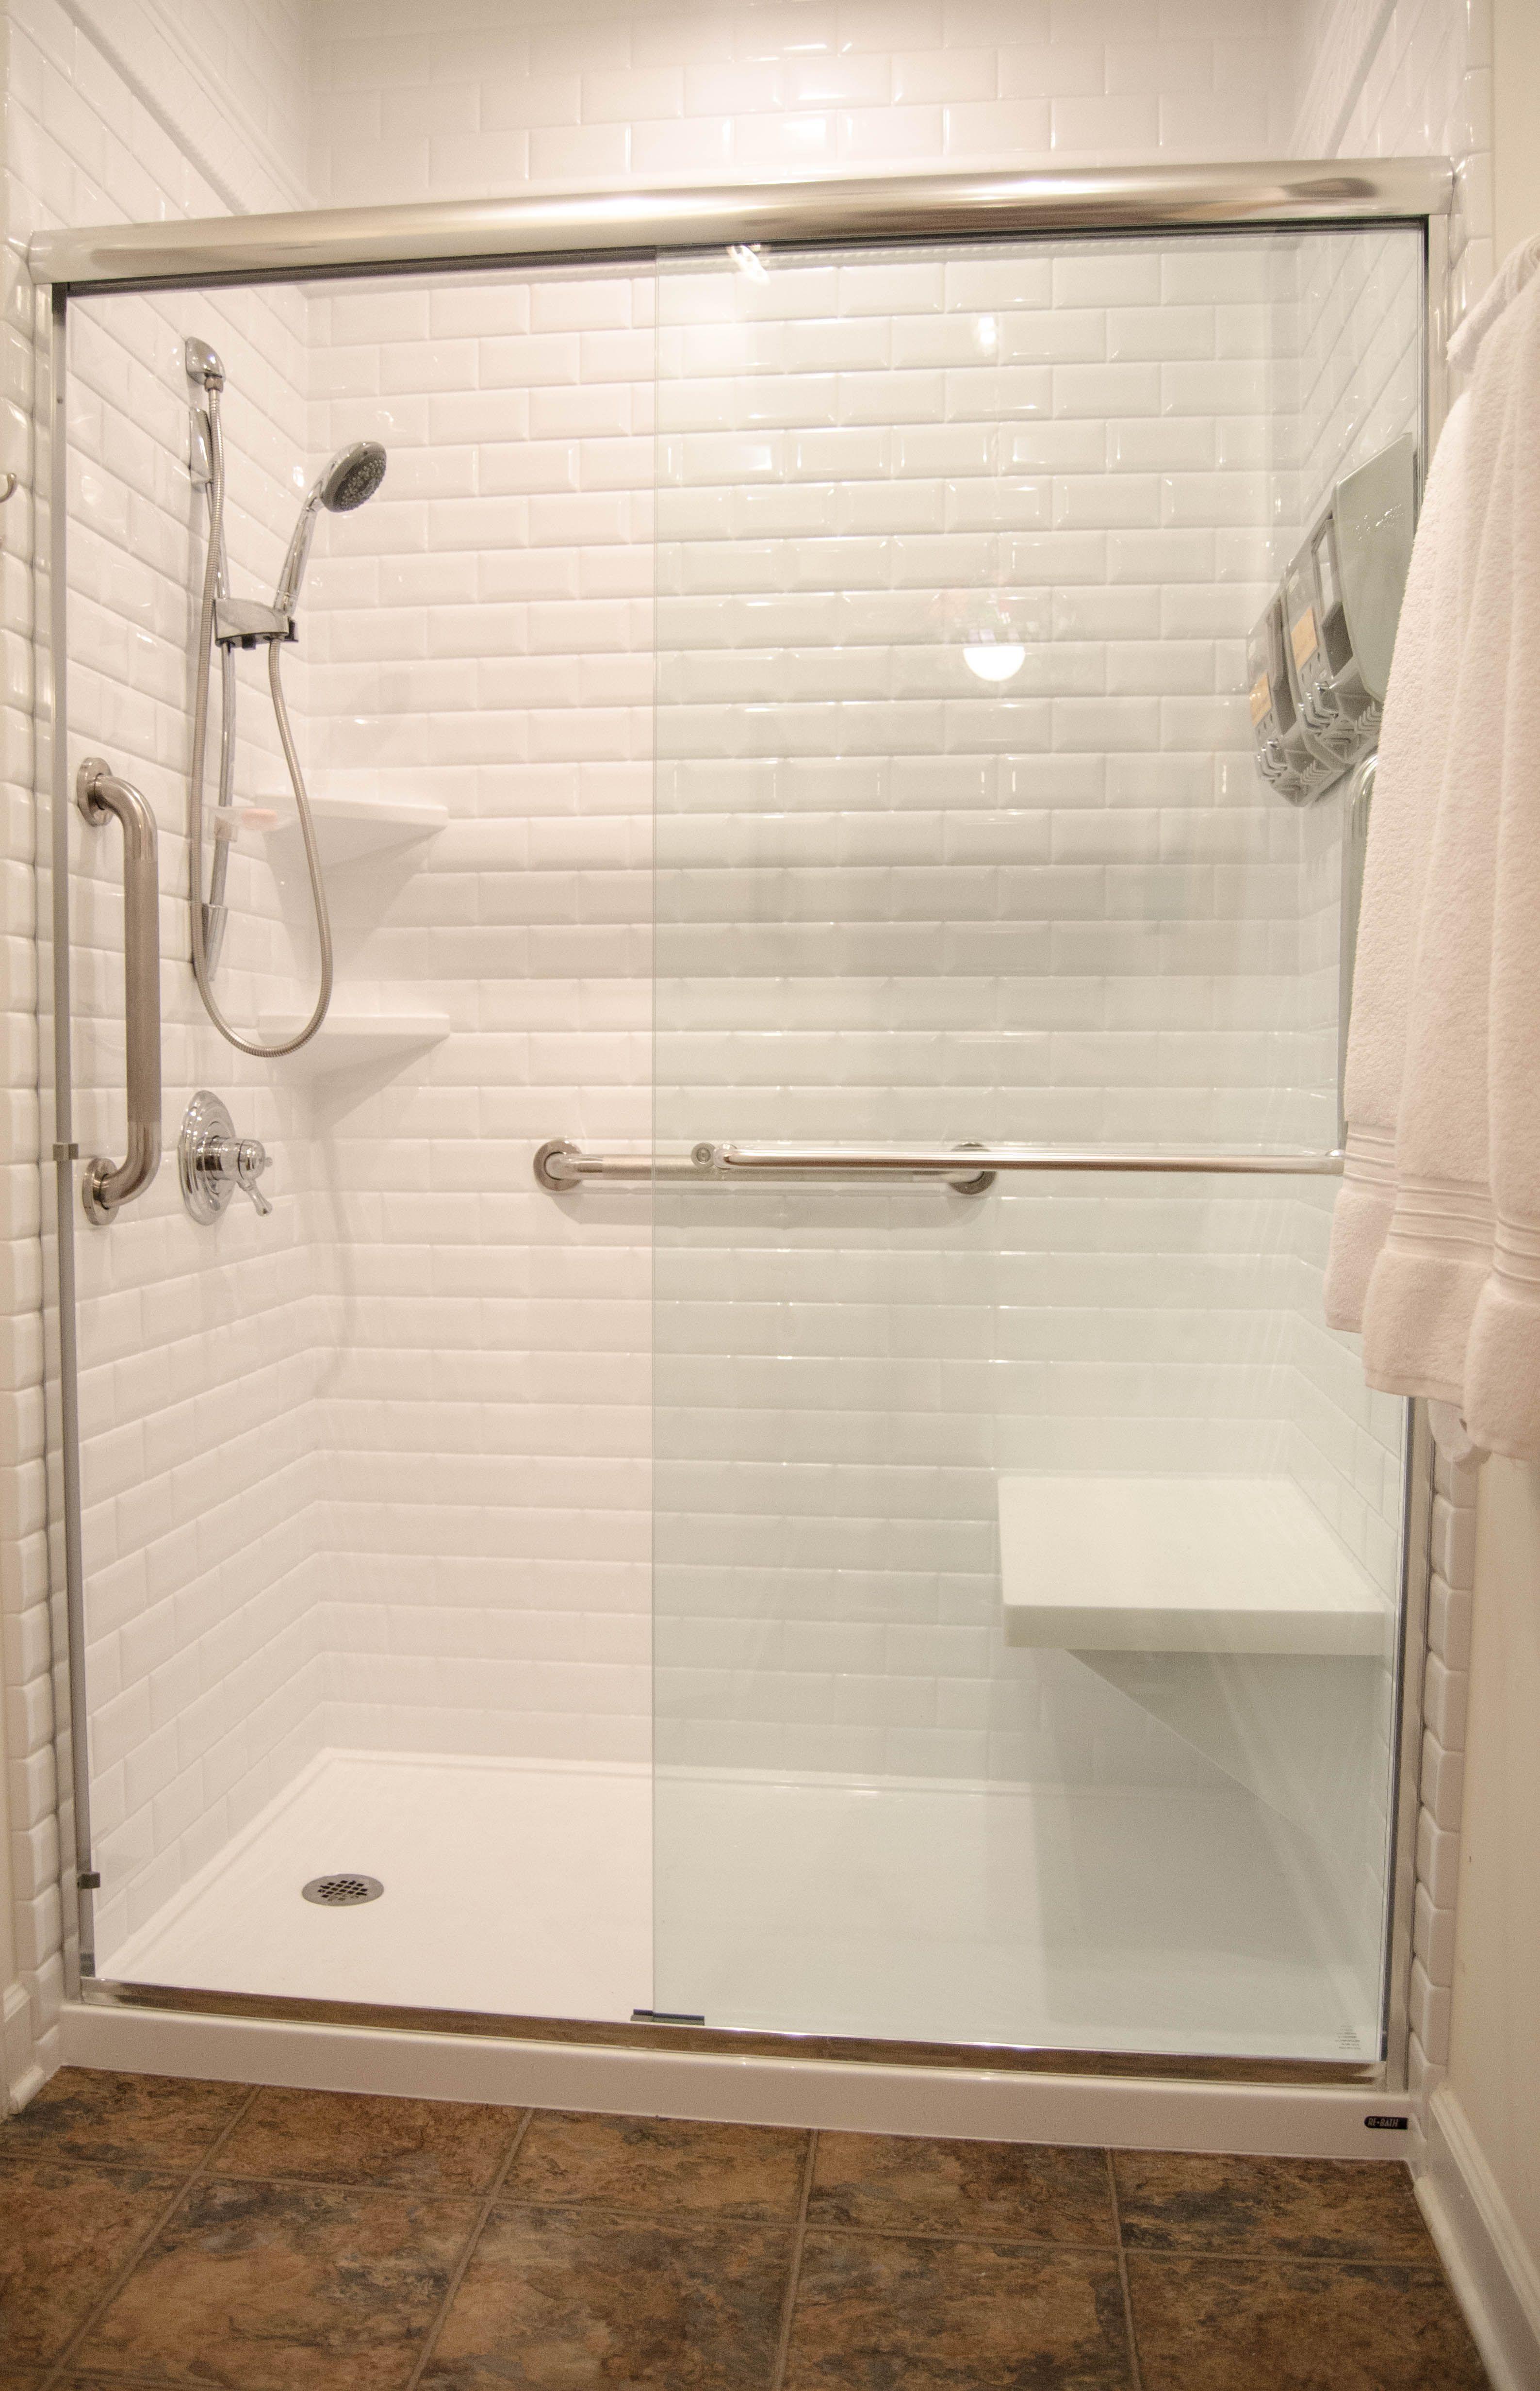 Remodeling Bathroom Doors updated bathroom remodel, shower seat, handheld shower head, grab